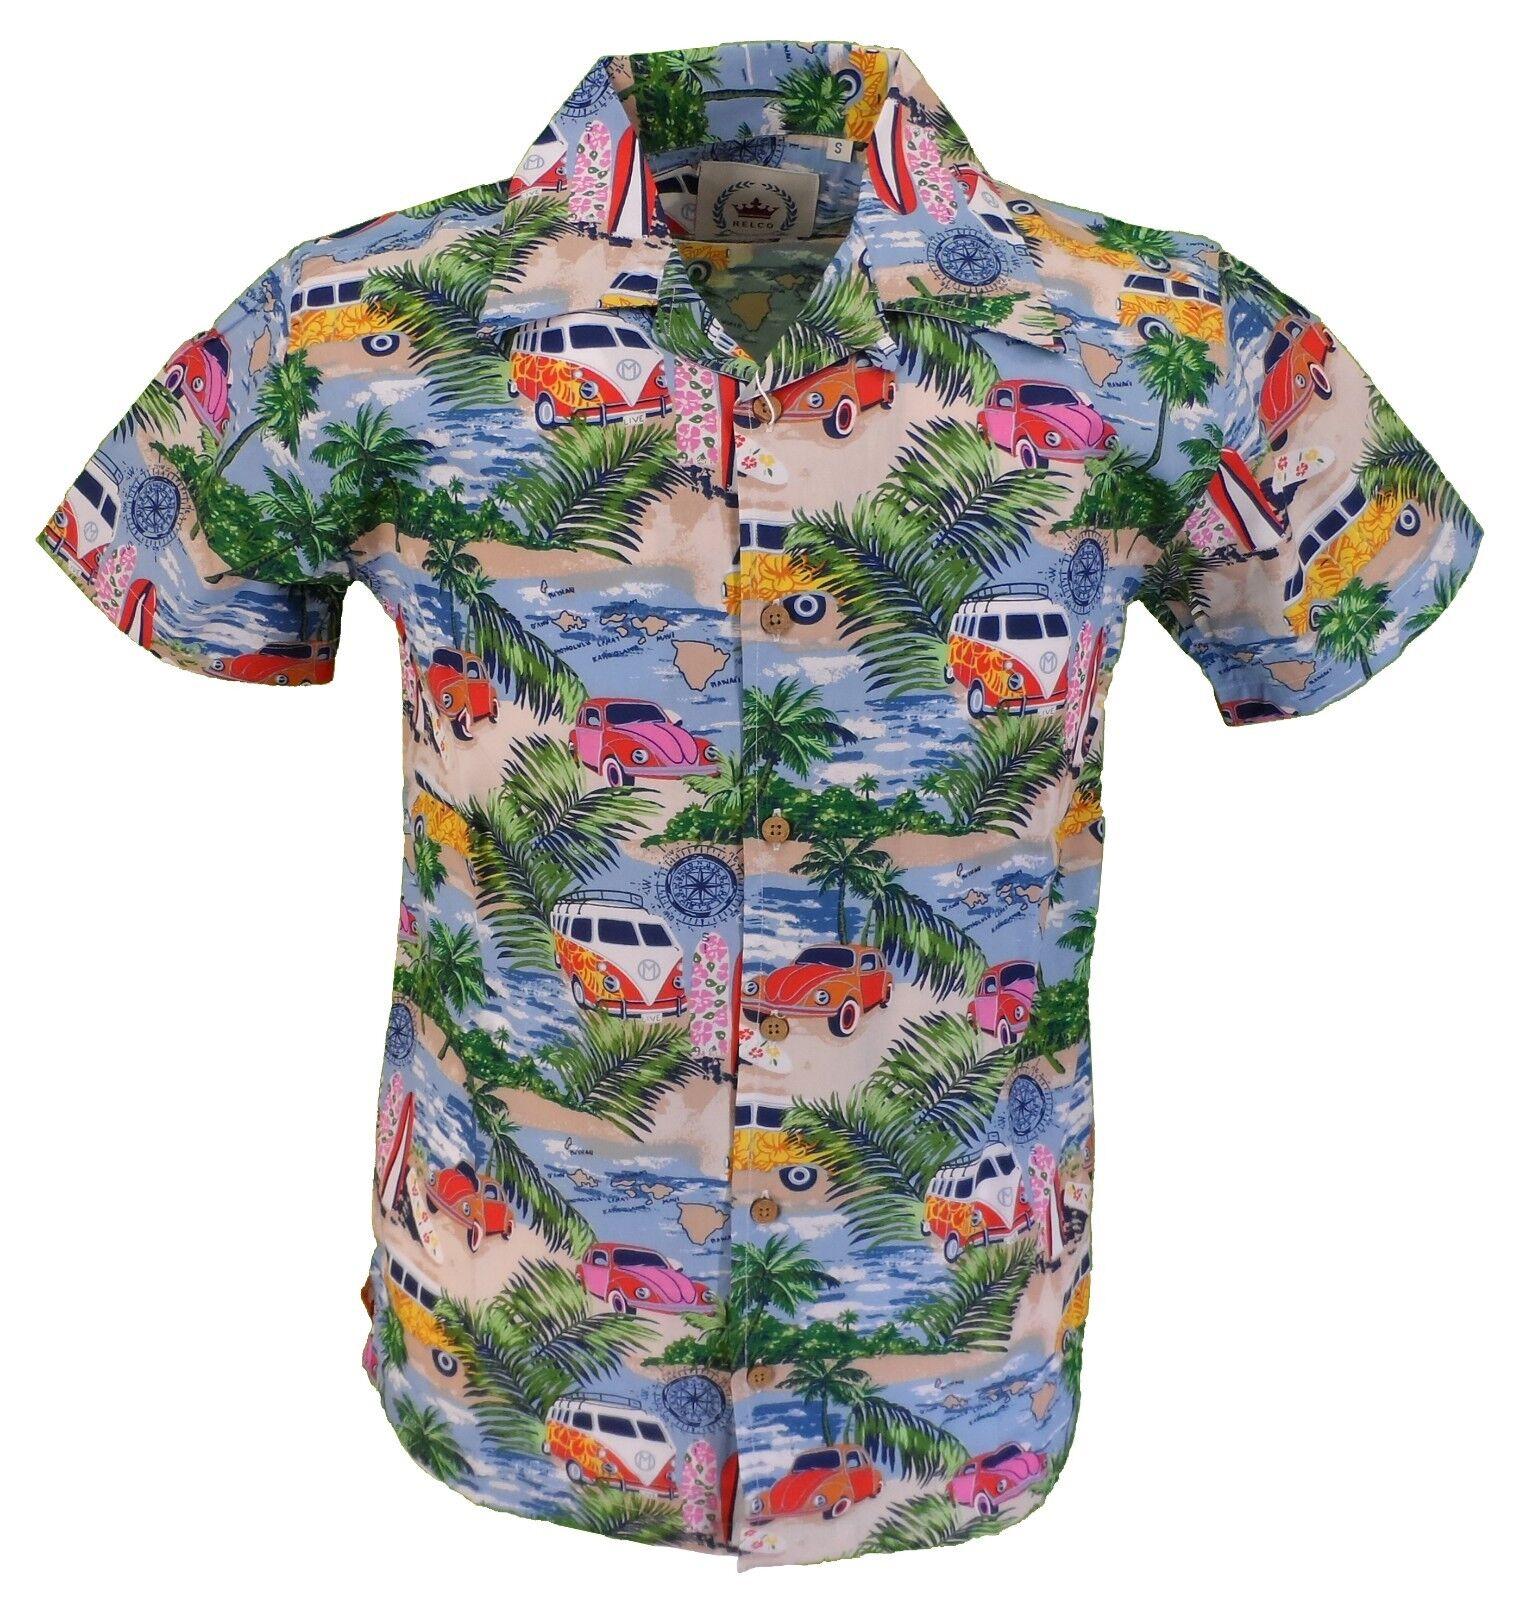 479969627ae Relco V Dub Vintage Print Bowling Shirt Classic Retro nnbiku3232 ...